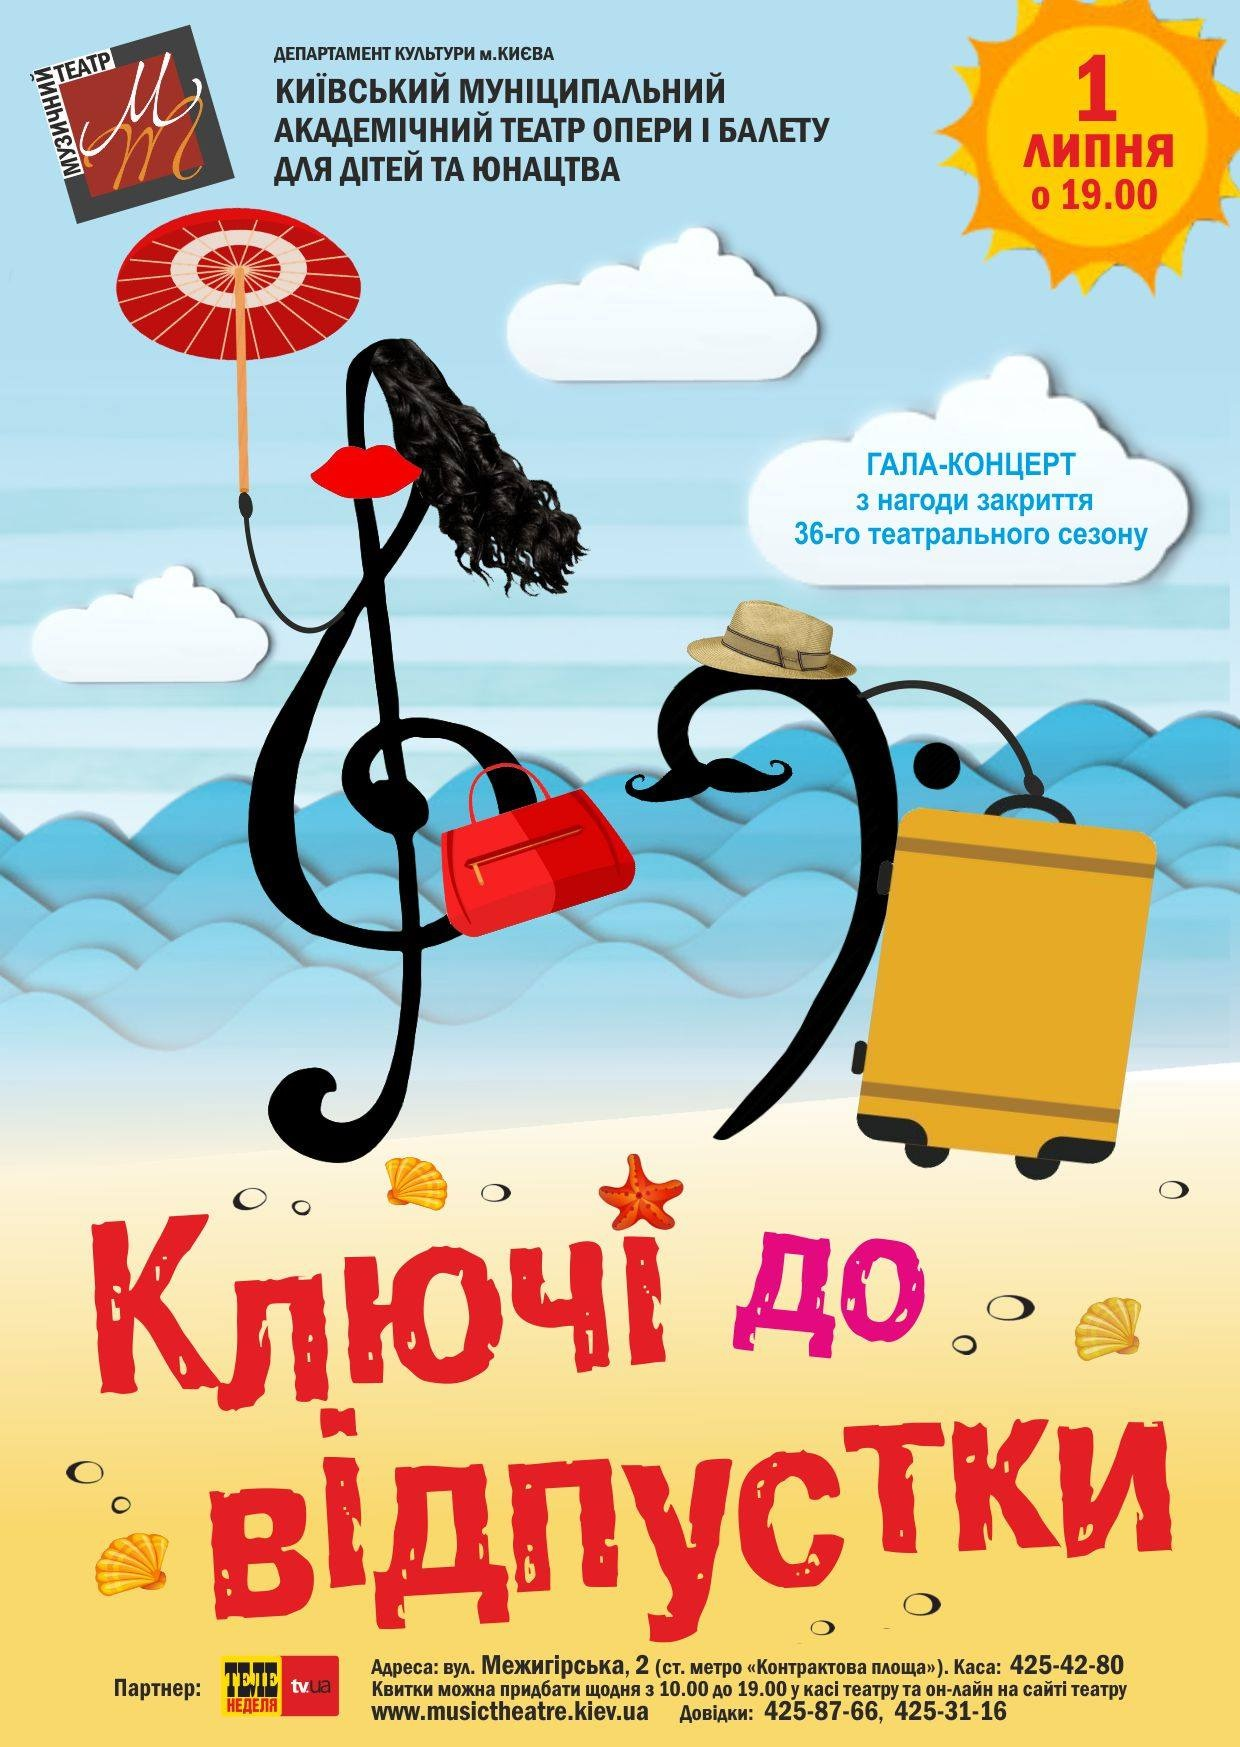 kievskiy-teatr-opery-i-baleta-raspisanie-na-1-iyulya-afisha